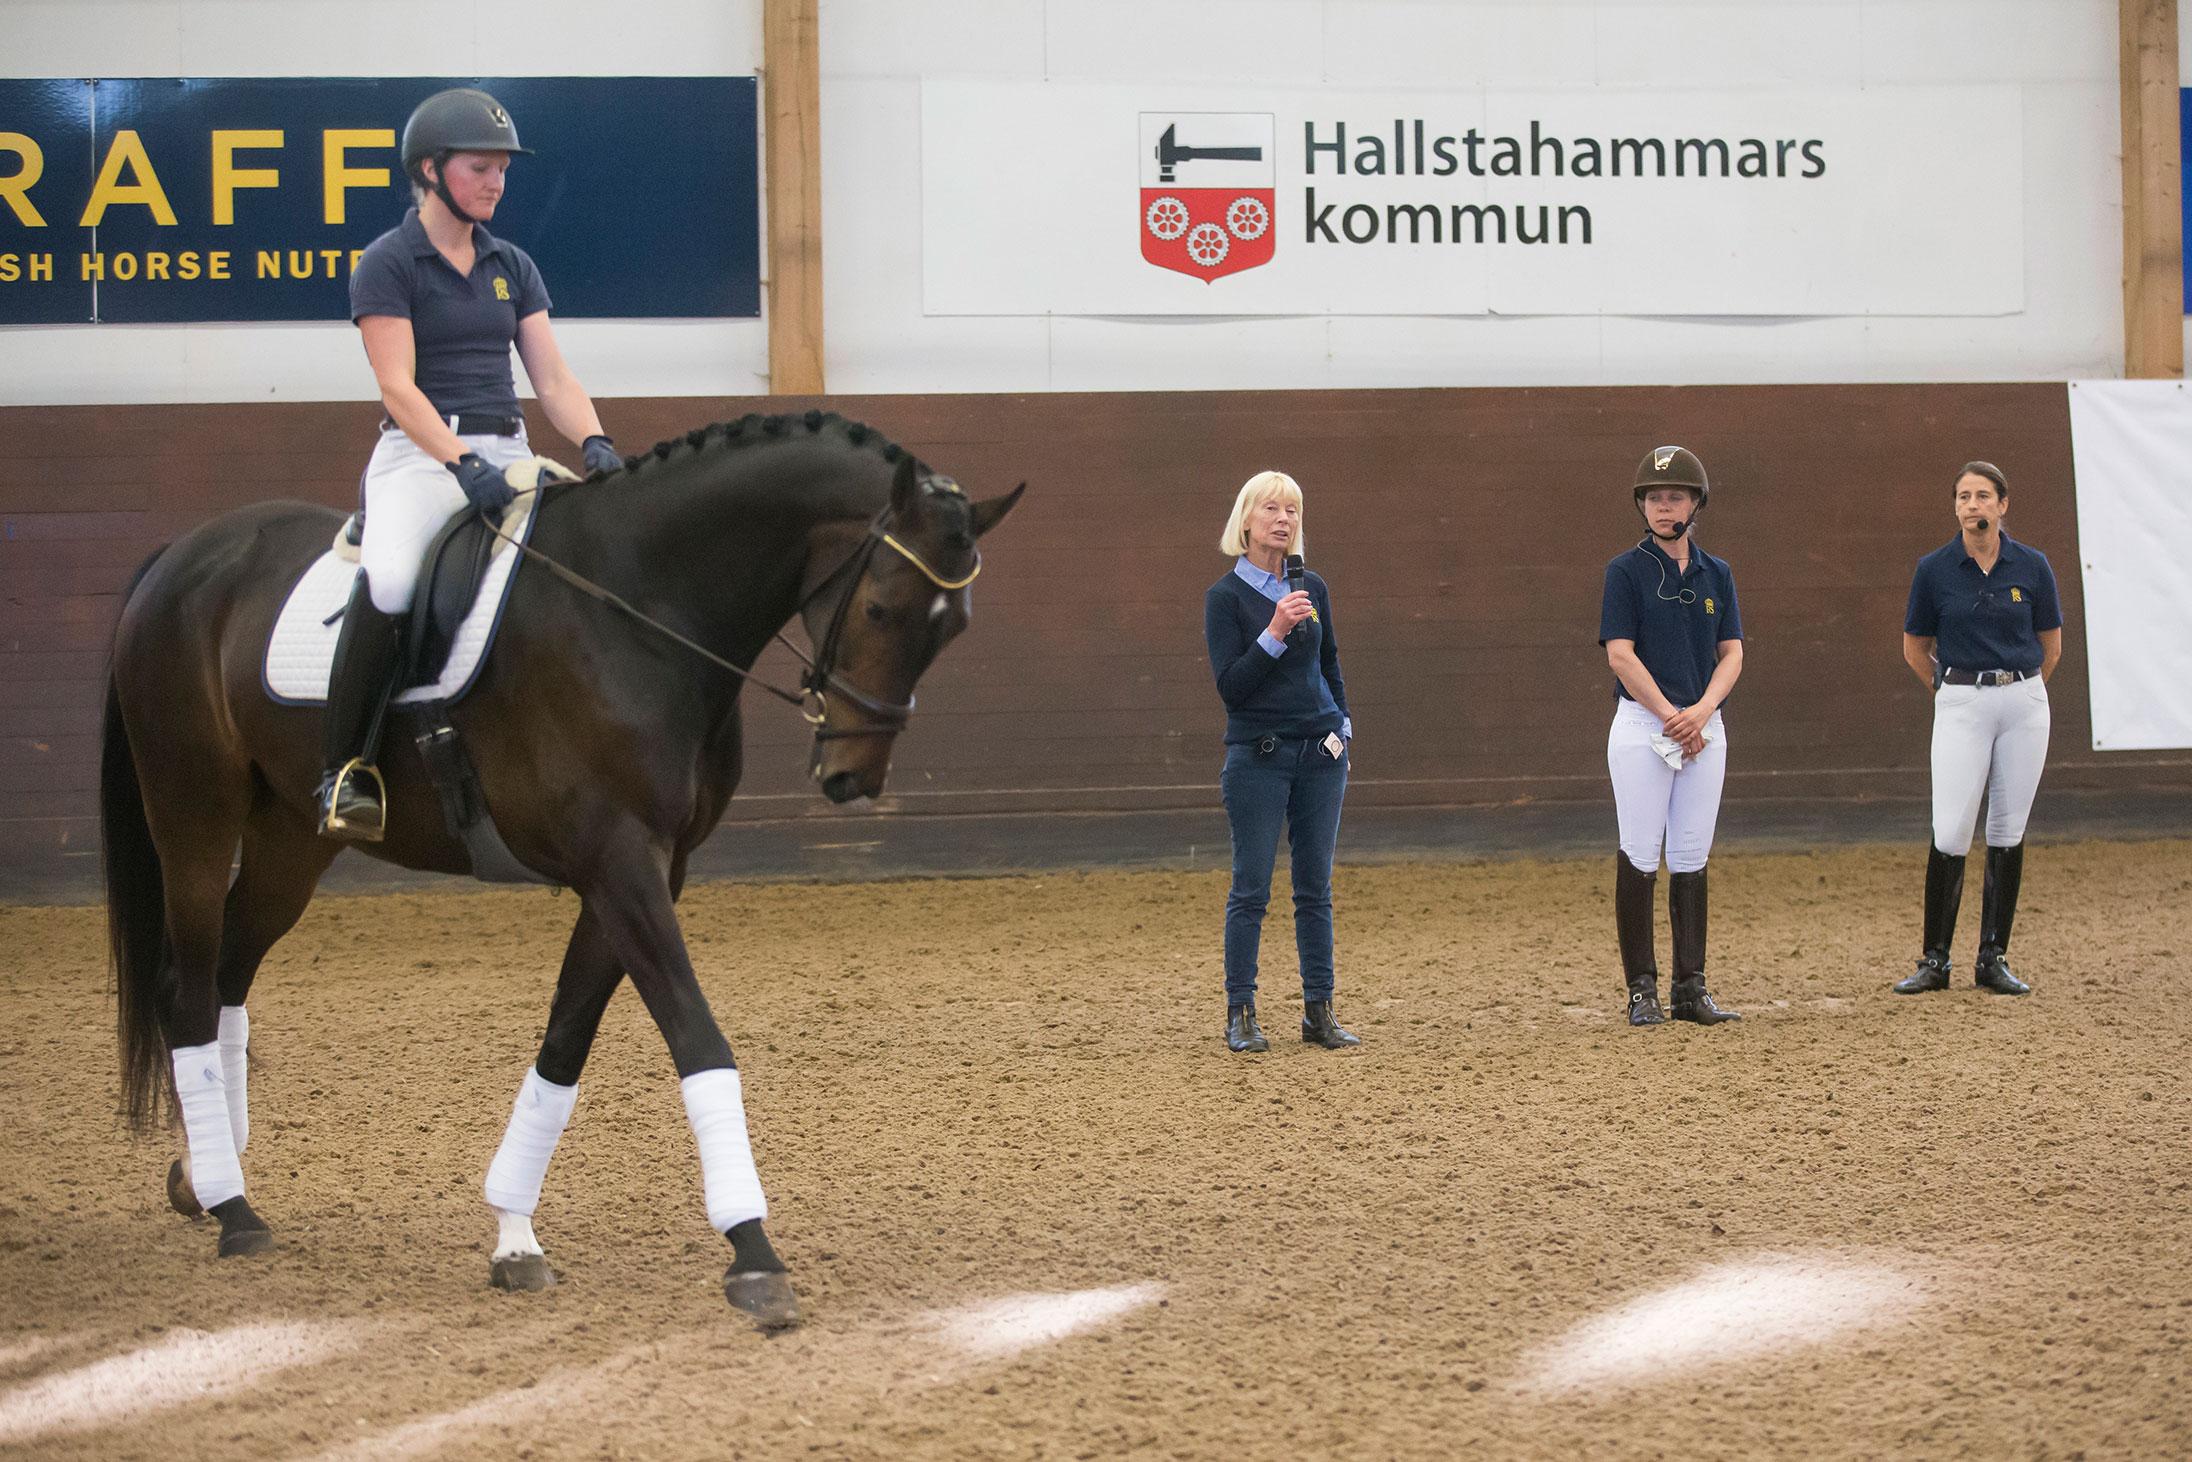 180508 Strömsholm Camilla Nyblom och Dusch de Niro red för Louise Nthhorst, Tinne Vilhlemson-Silfvén och Therese Nilshagen. Photo: Roland Thunholm Code: 718 35